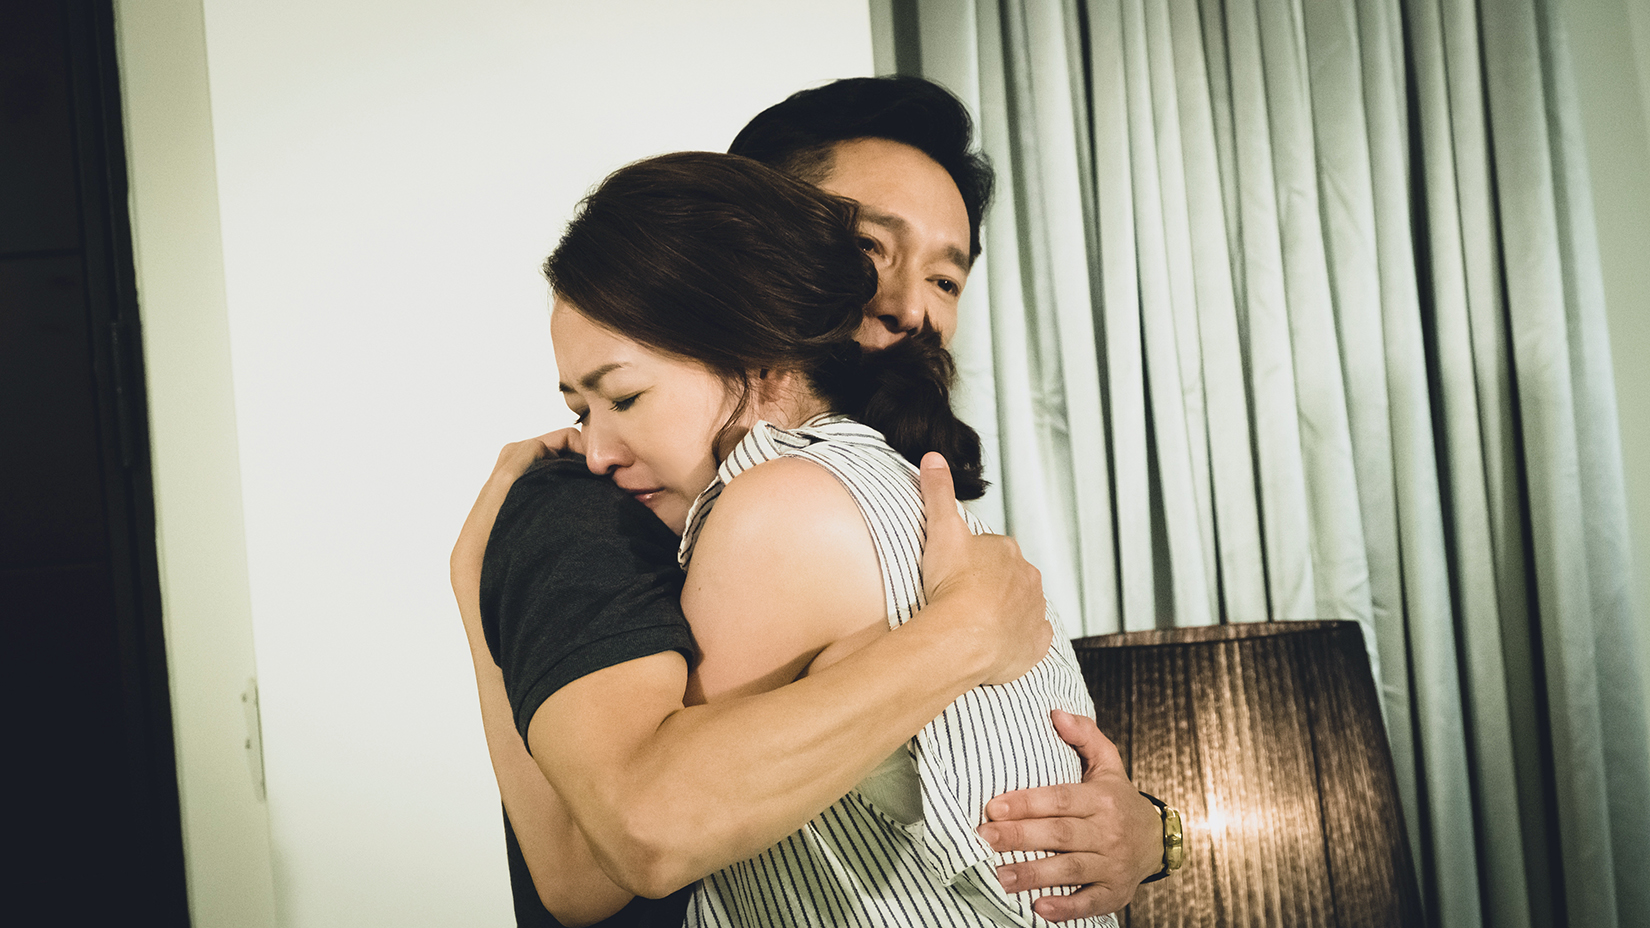 謝祖武(左)擁抱安慰剛喪父的潘慧如。圖/TVBS提供 潘慧如無緣見失智父最後一面 勾喪母回憶痛哭